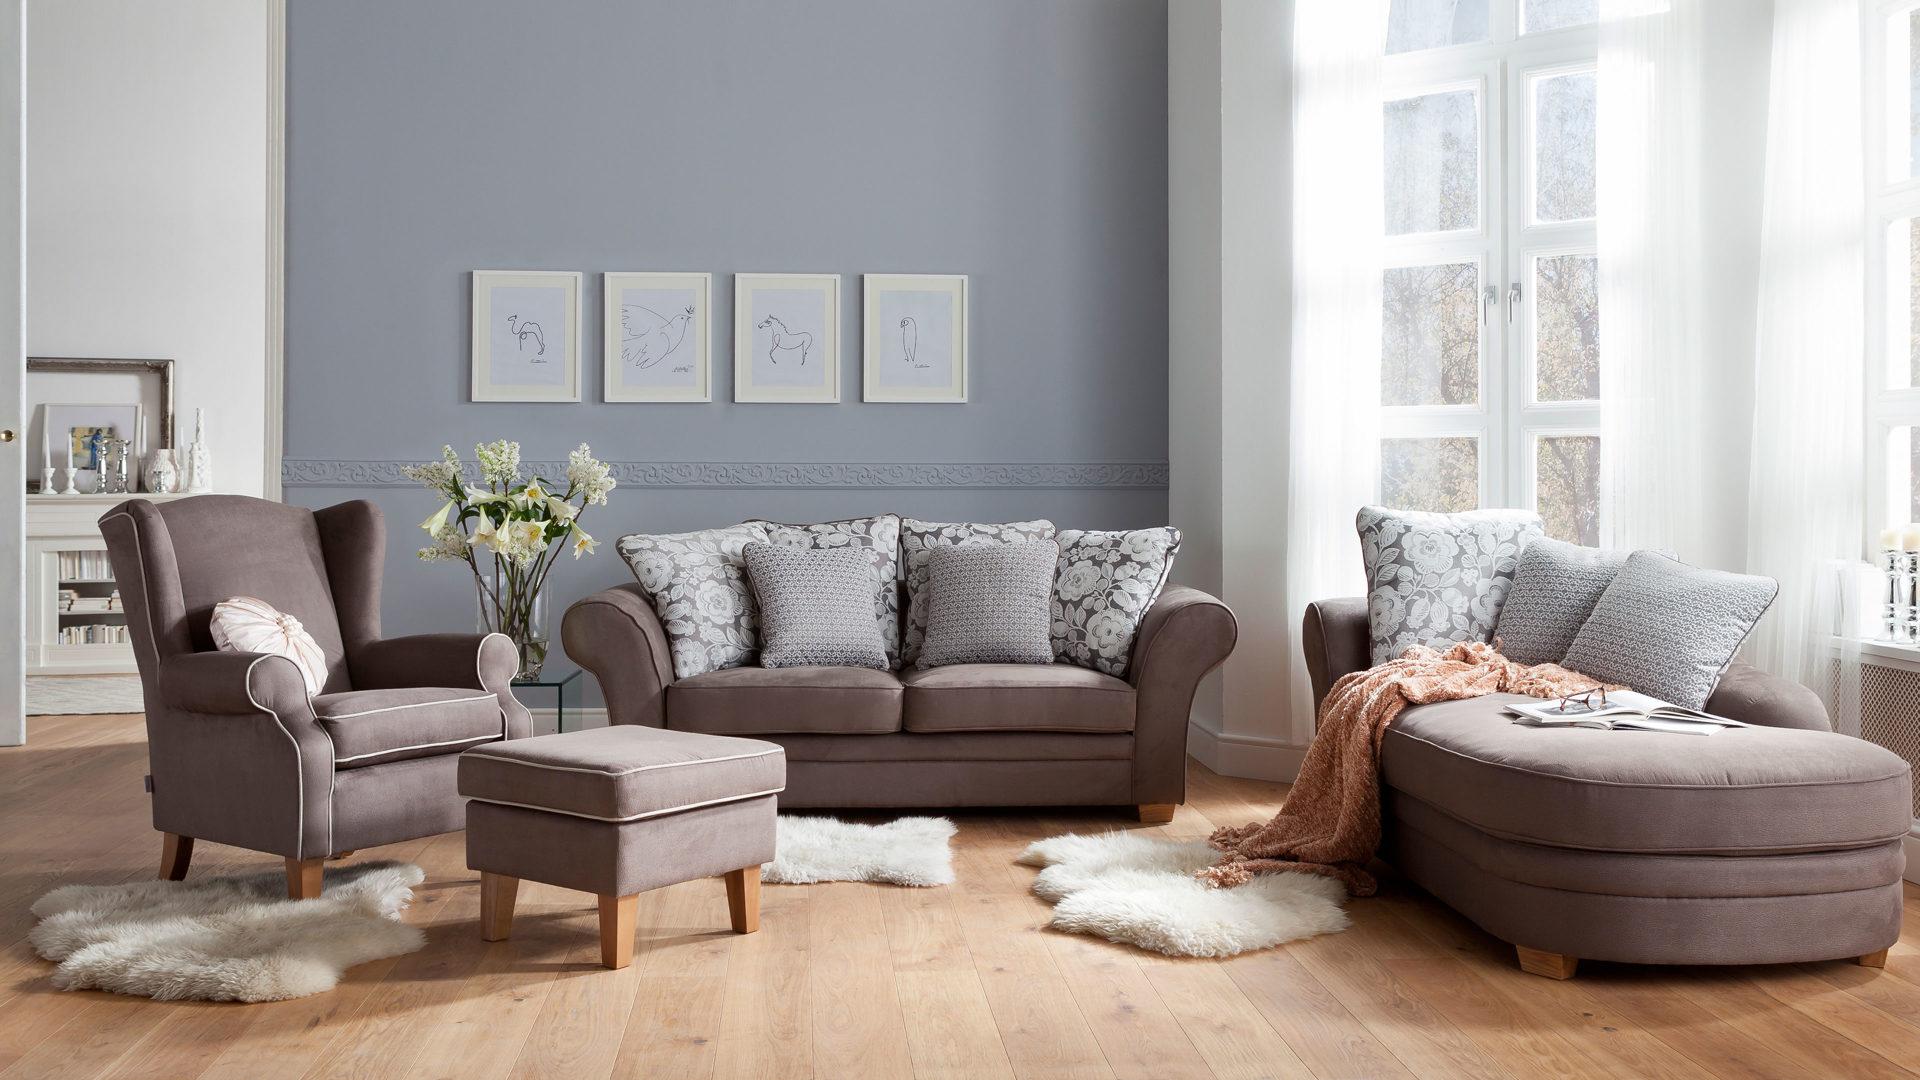 Schlafzimmer Grau Beige: Wandgestaltung im schlafzimmer ...